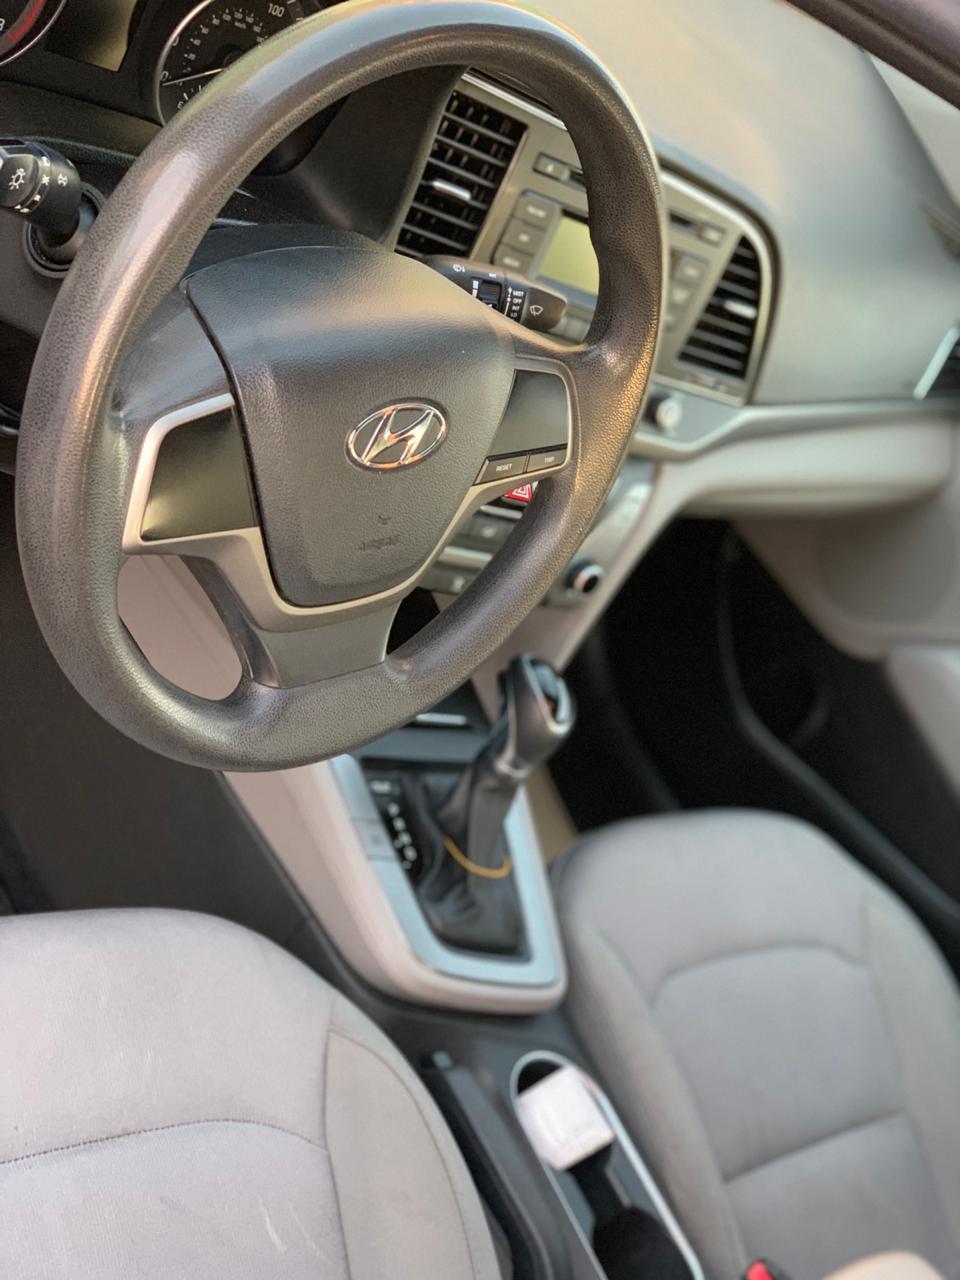 Hyundai Elantra 2000(lt) 2016 Подержанный  $15800